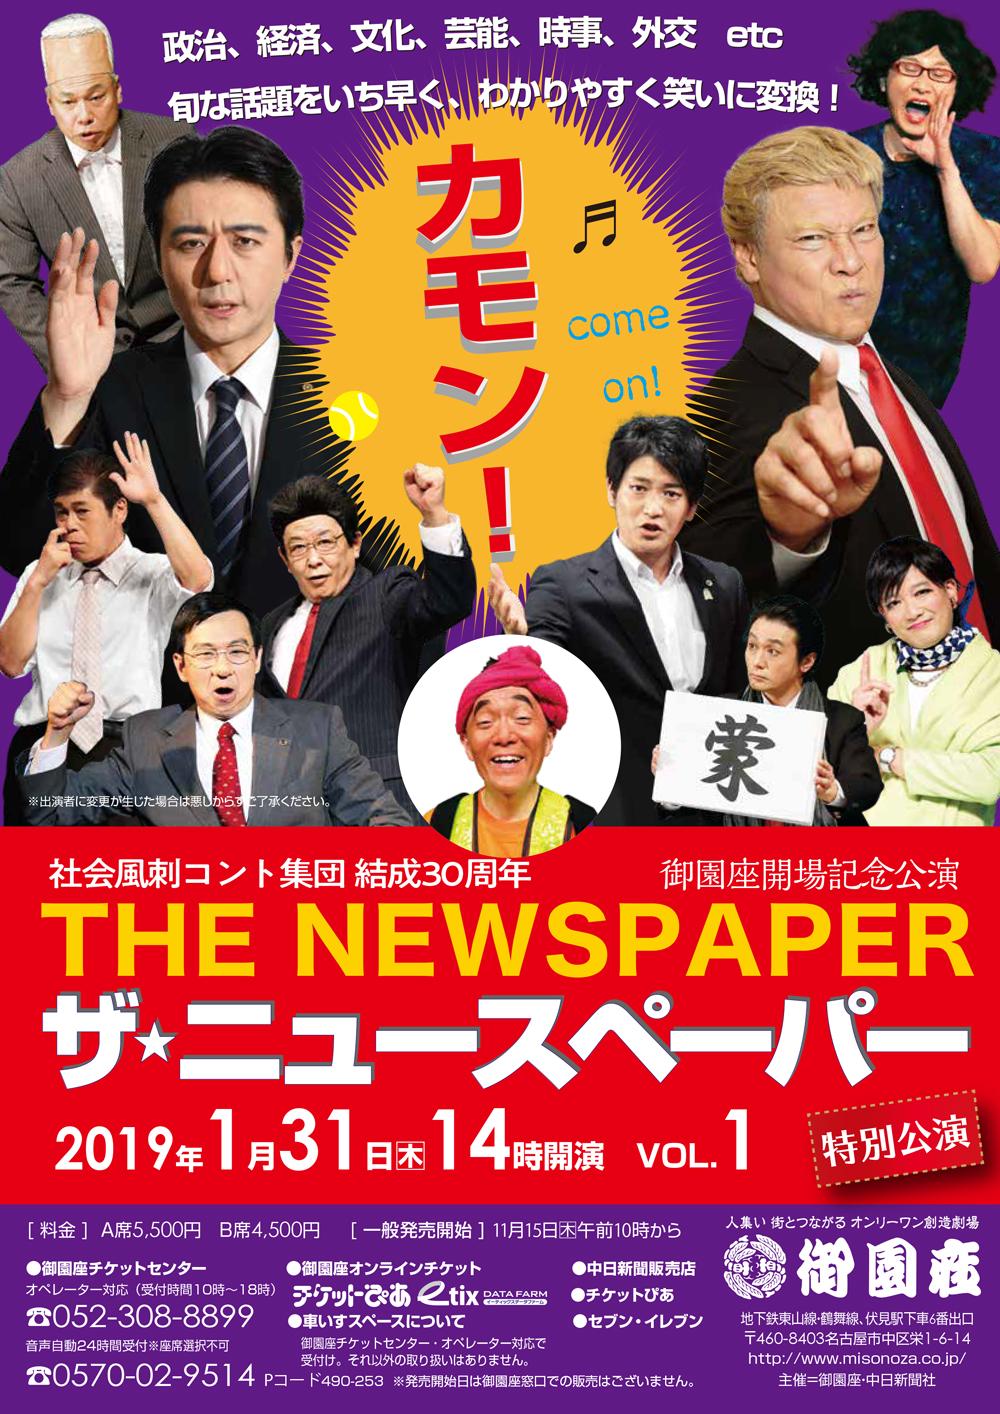 ザ・ニュースペーパー特別公演